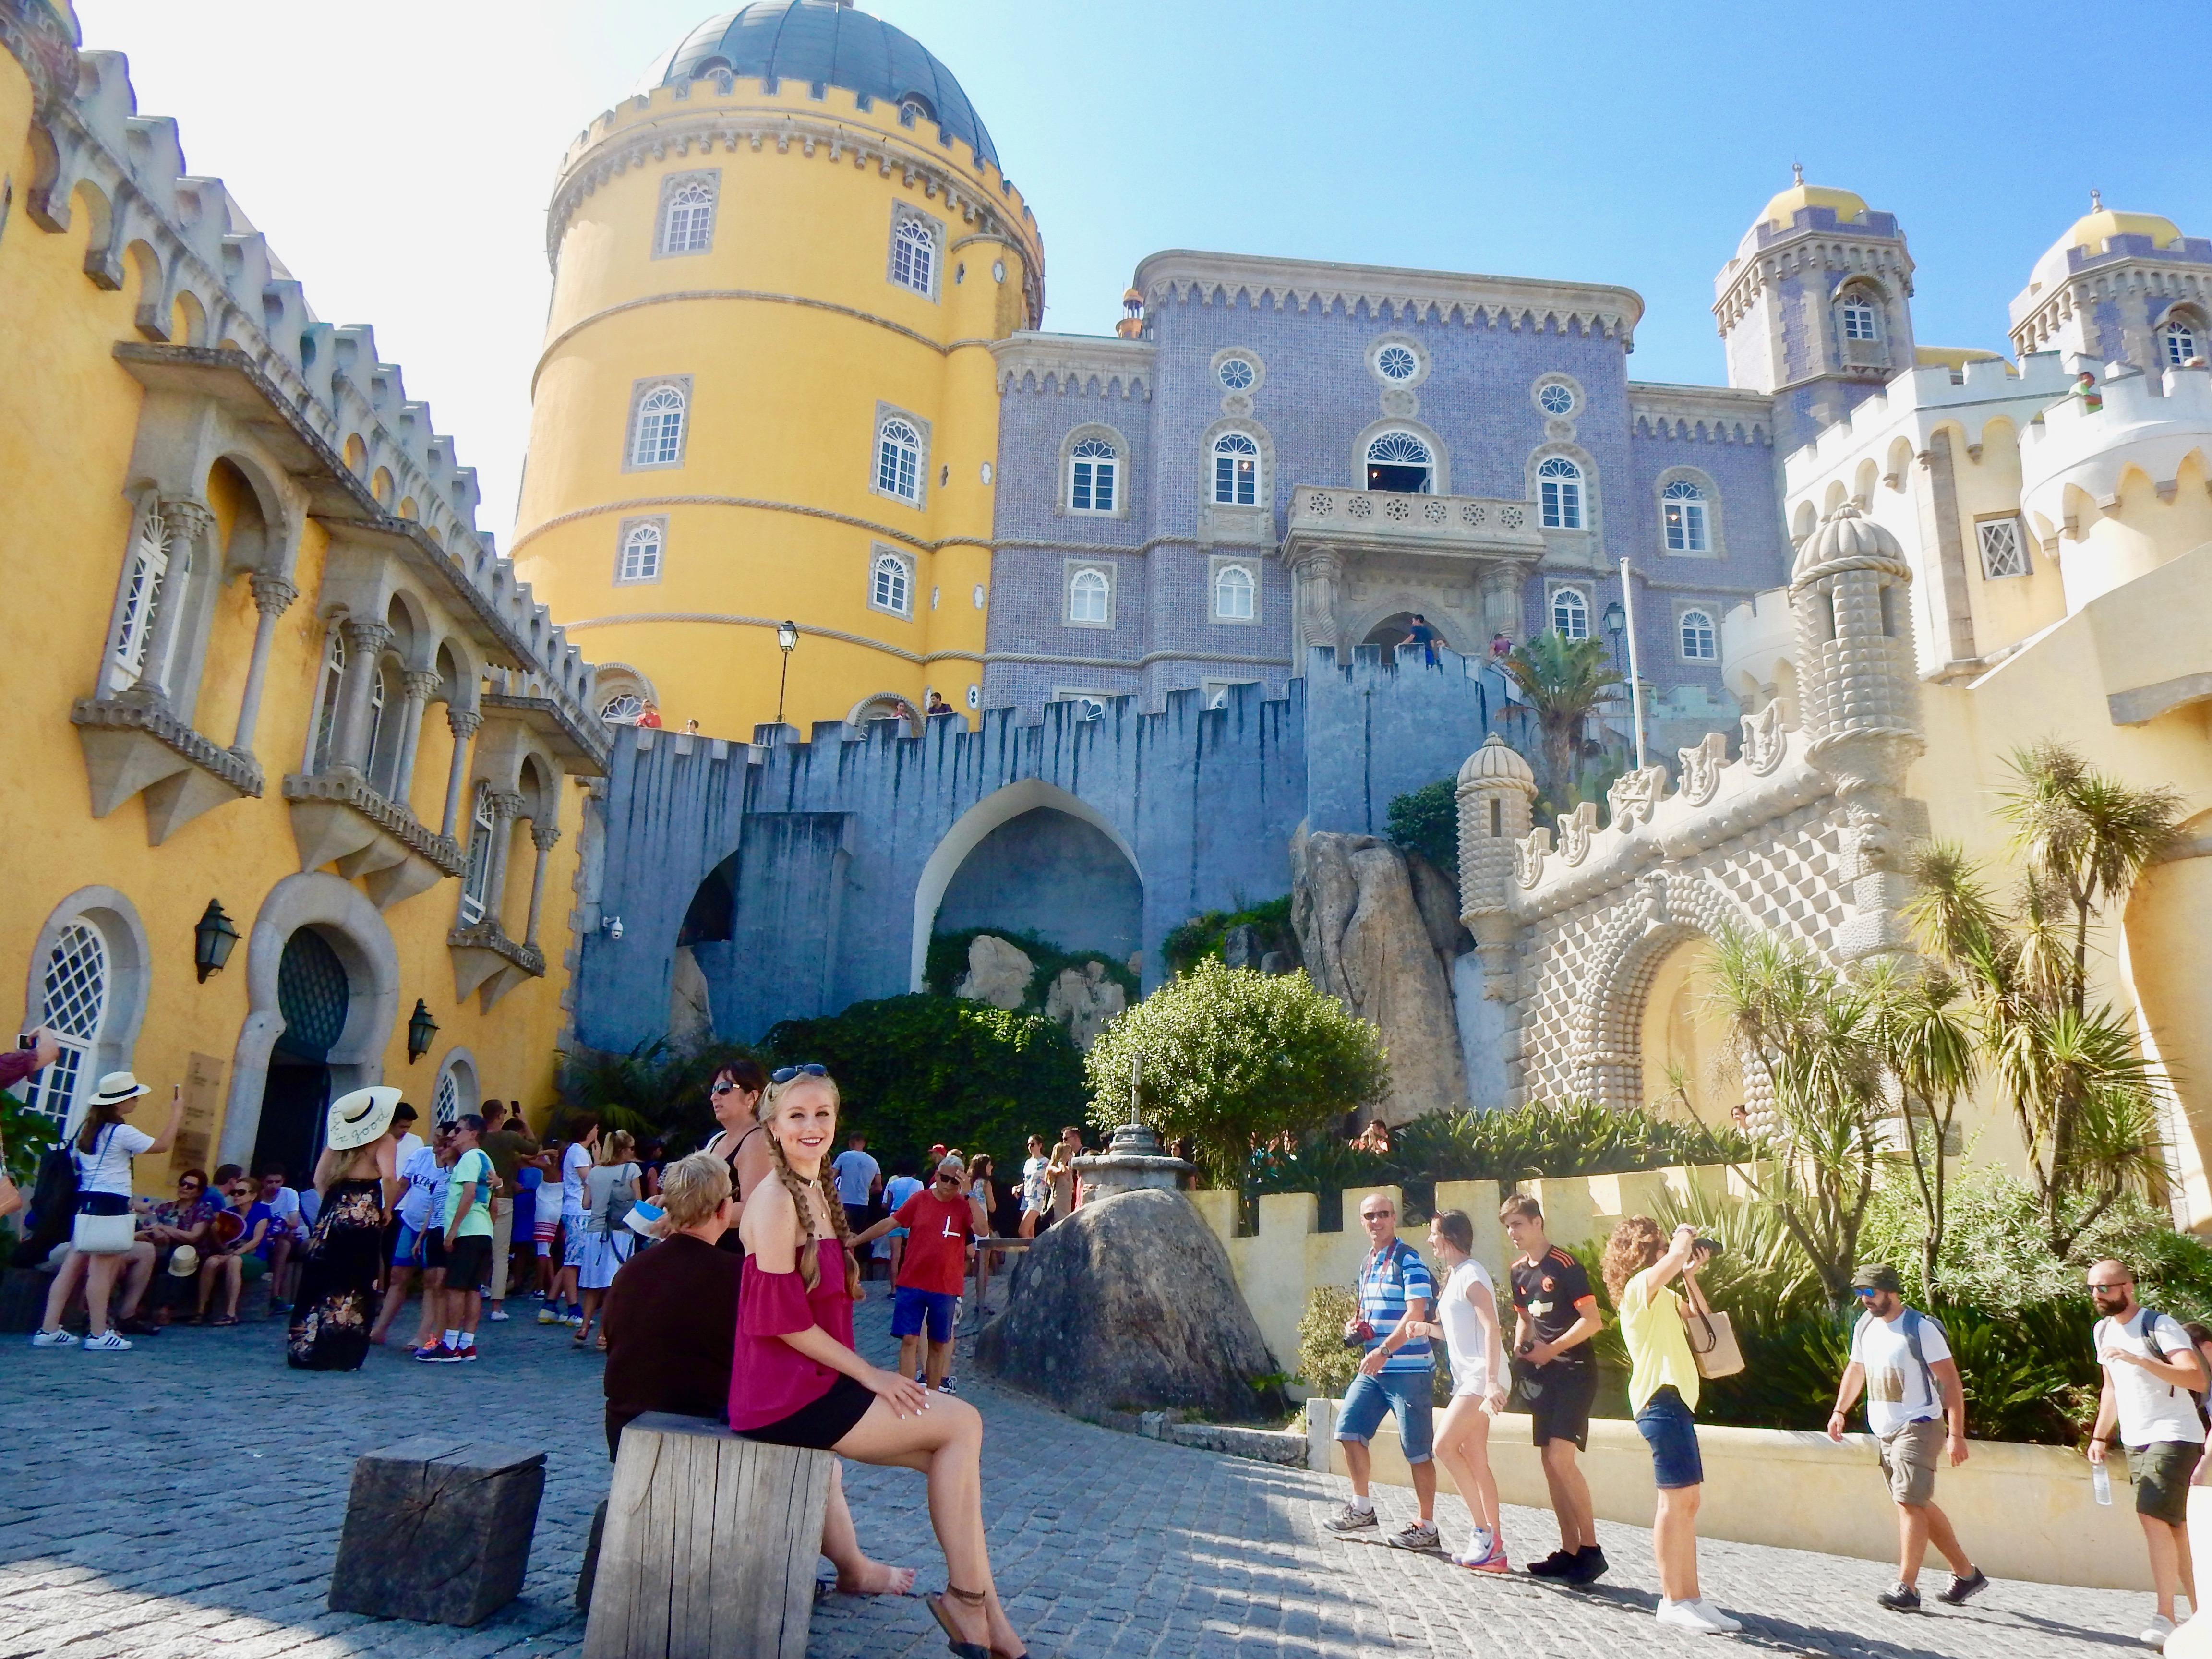 Sintra : Palácio da Pena (UNESCO Weltkulturerbe)